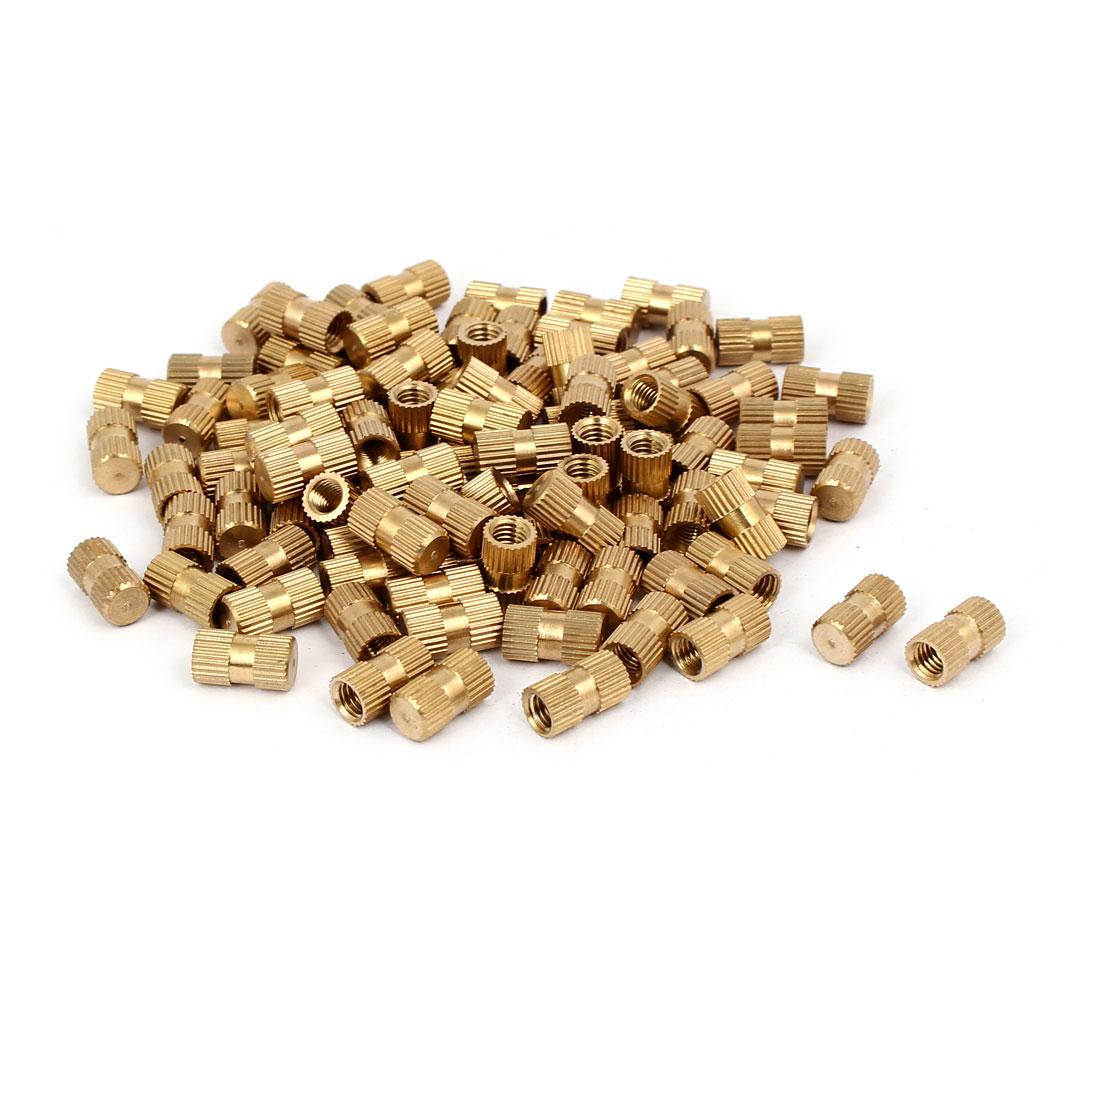 M5 x 12mm 6.8mm OD Brass Threaded Insert Embedment Knurled Thumb Nut 100PCS